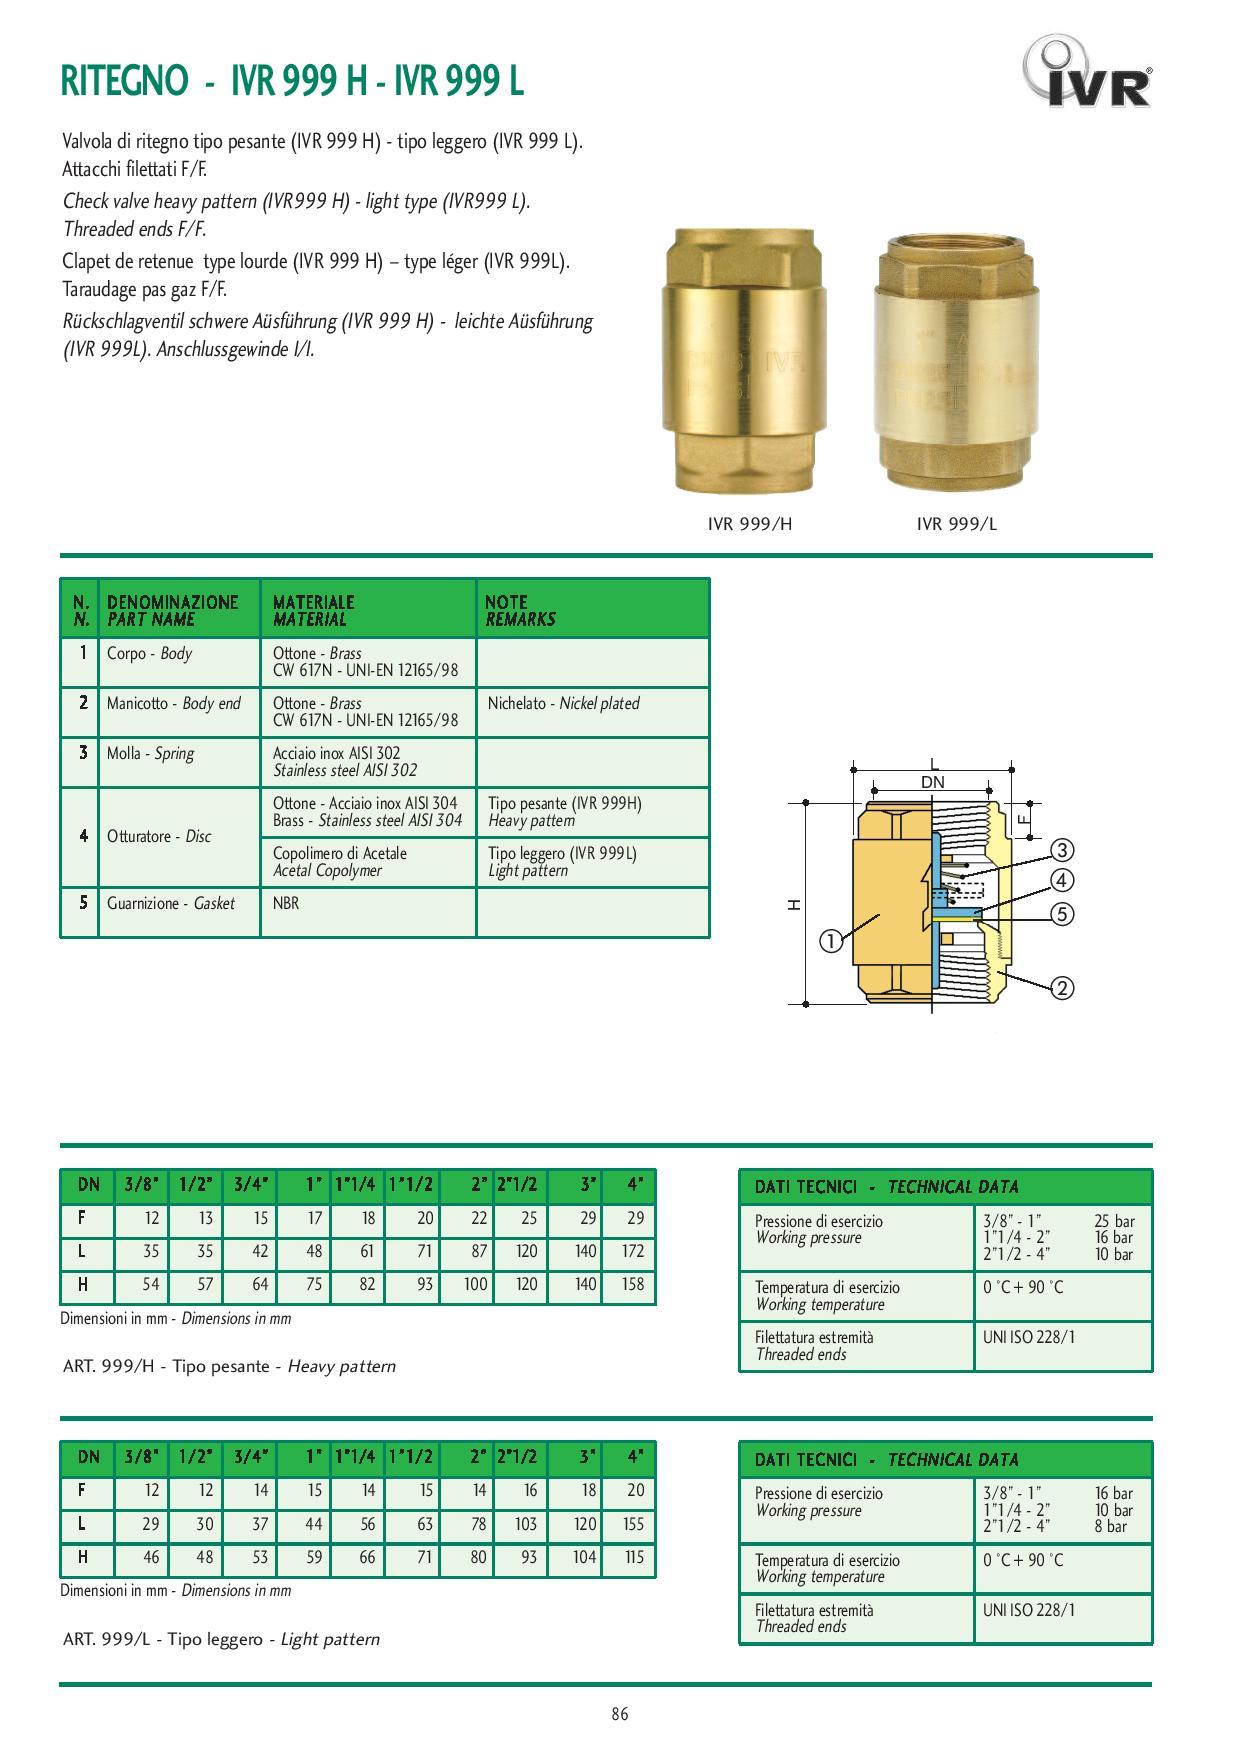 Технически характеристики на възвратни клапани лек тип с пластмасов диск